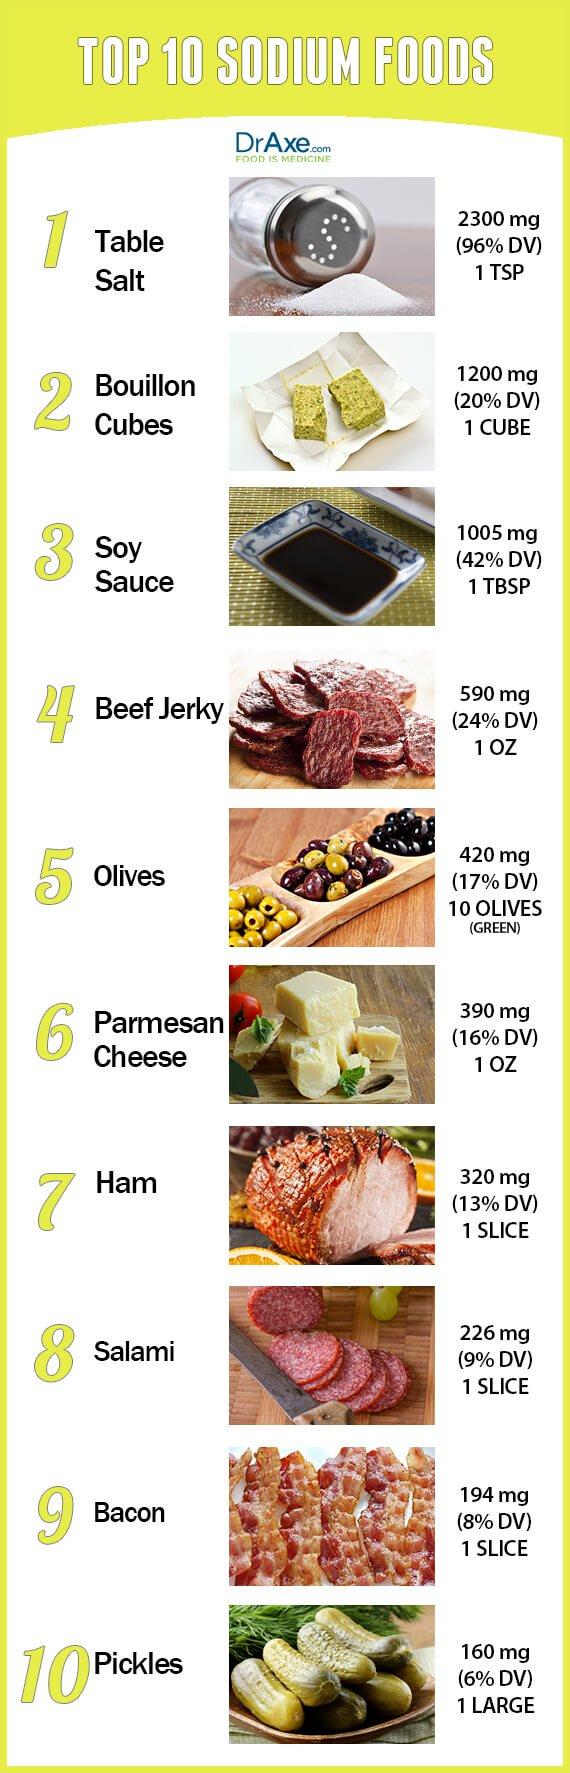 Food Highest In Potasium Per Calorie